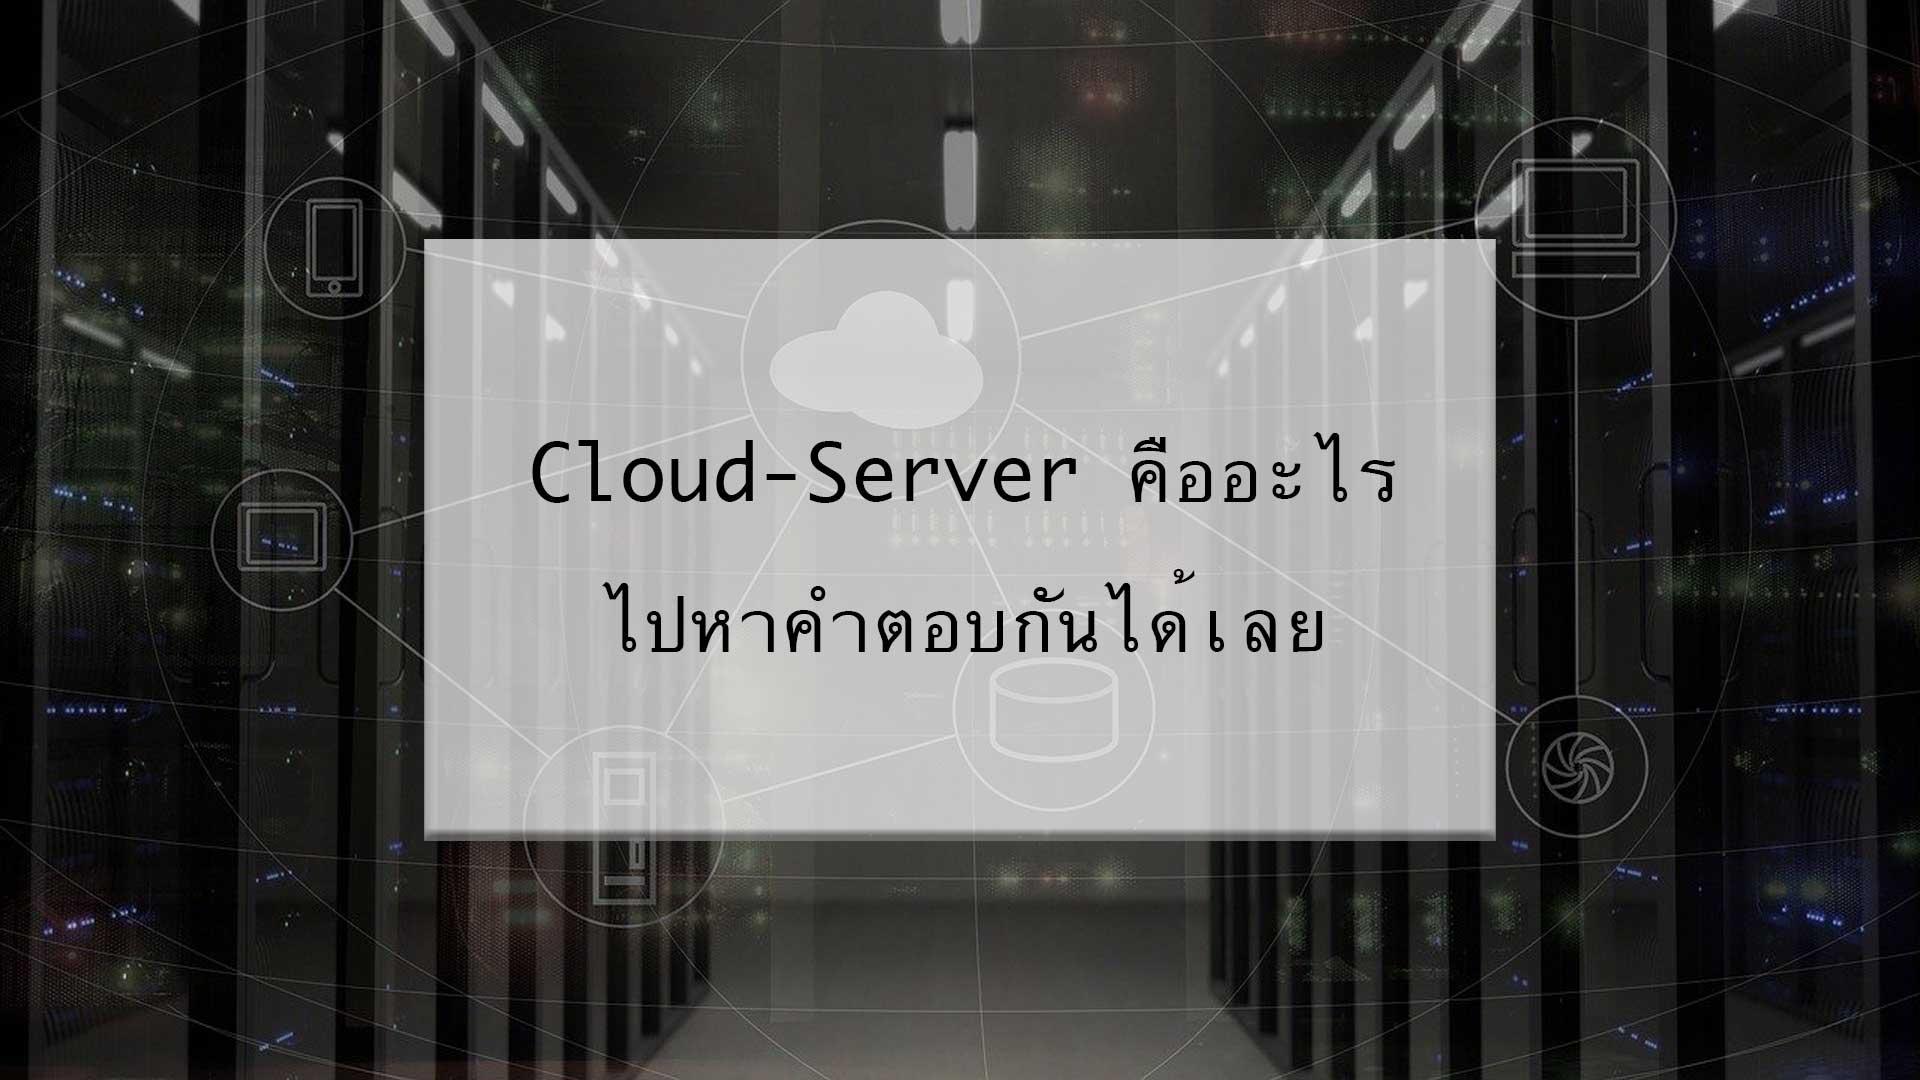 Cloud Server คืออะไร ไปหาคำตอบกันได้เลย